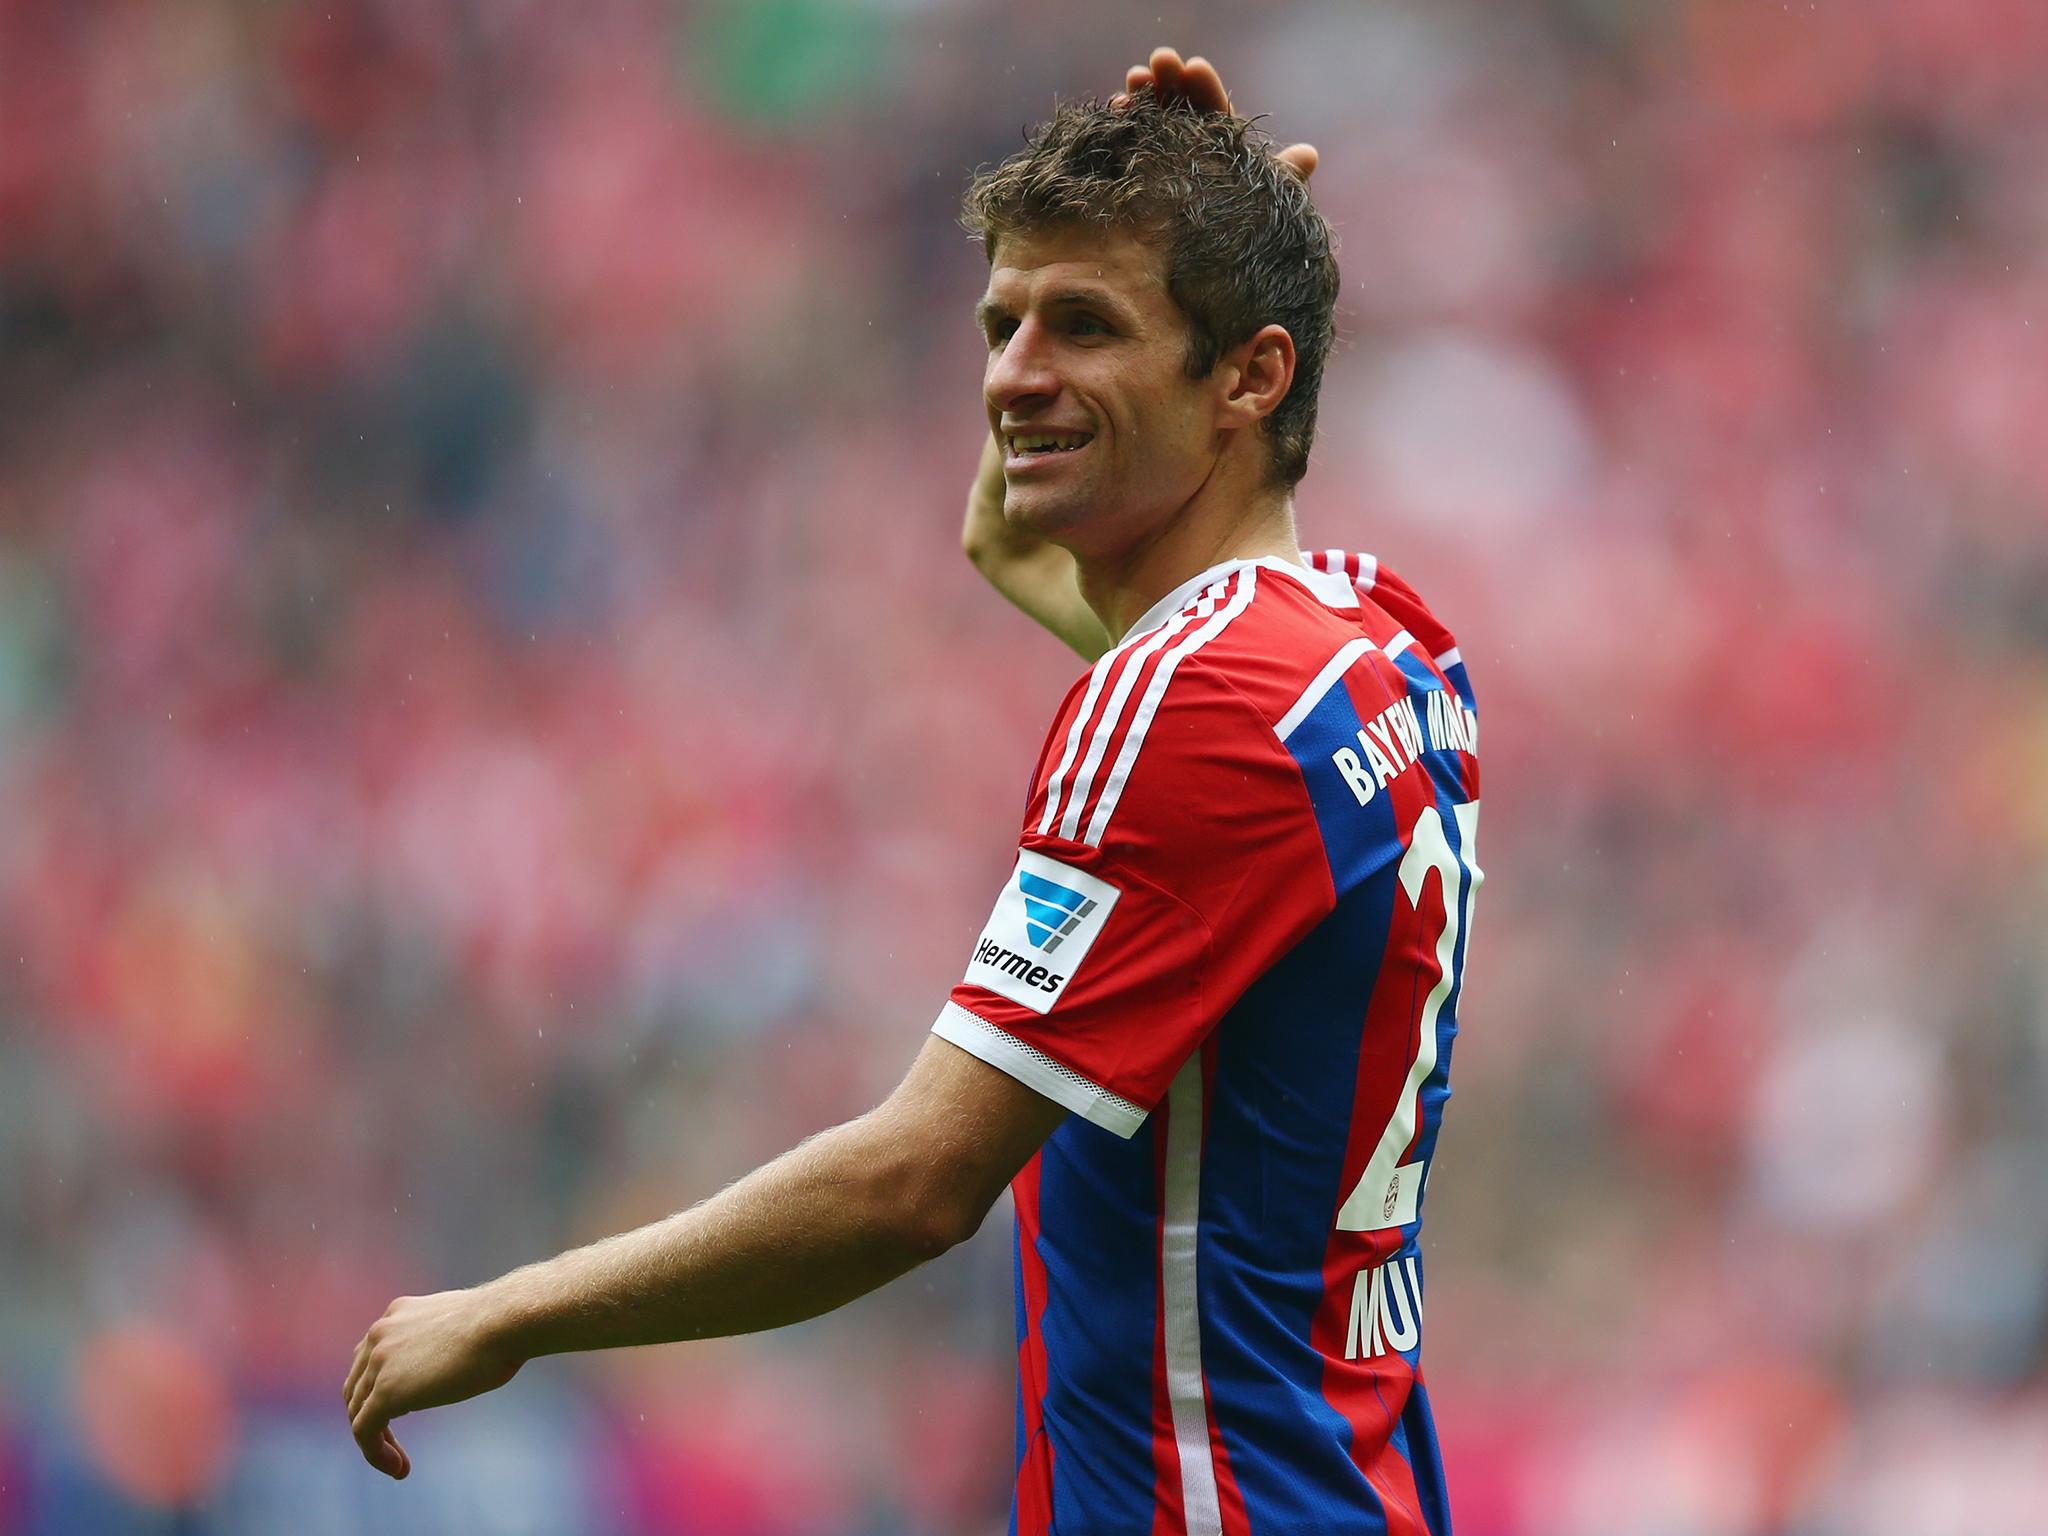 Thomas-Muller